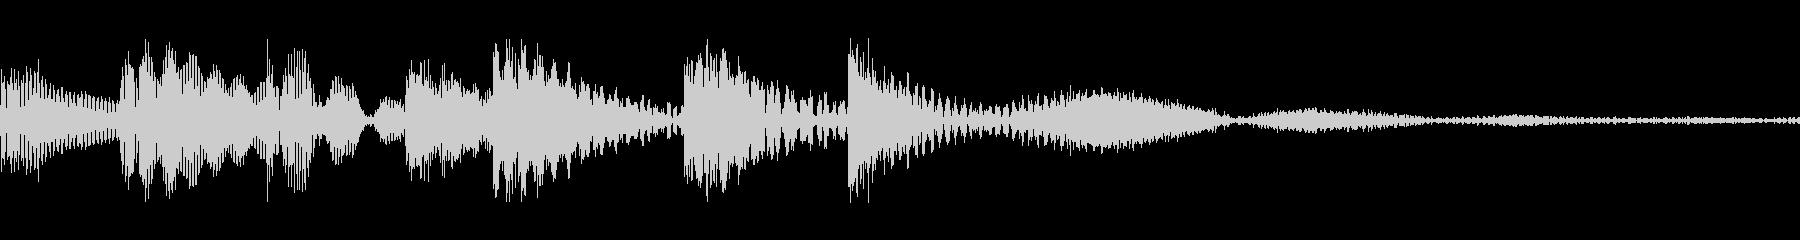 ゲーム用:アイテムゲット「ピロリン」の未再生の波形